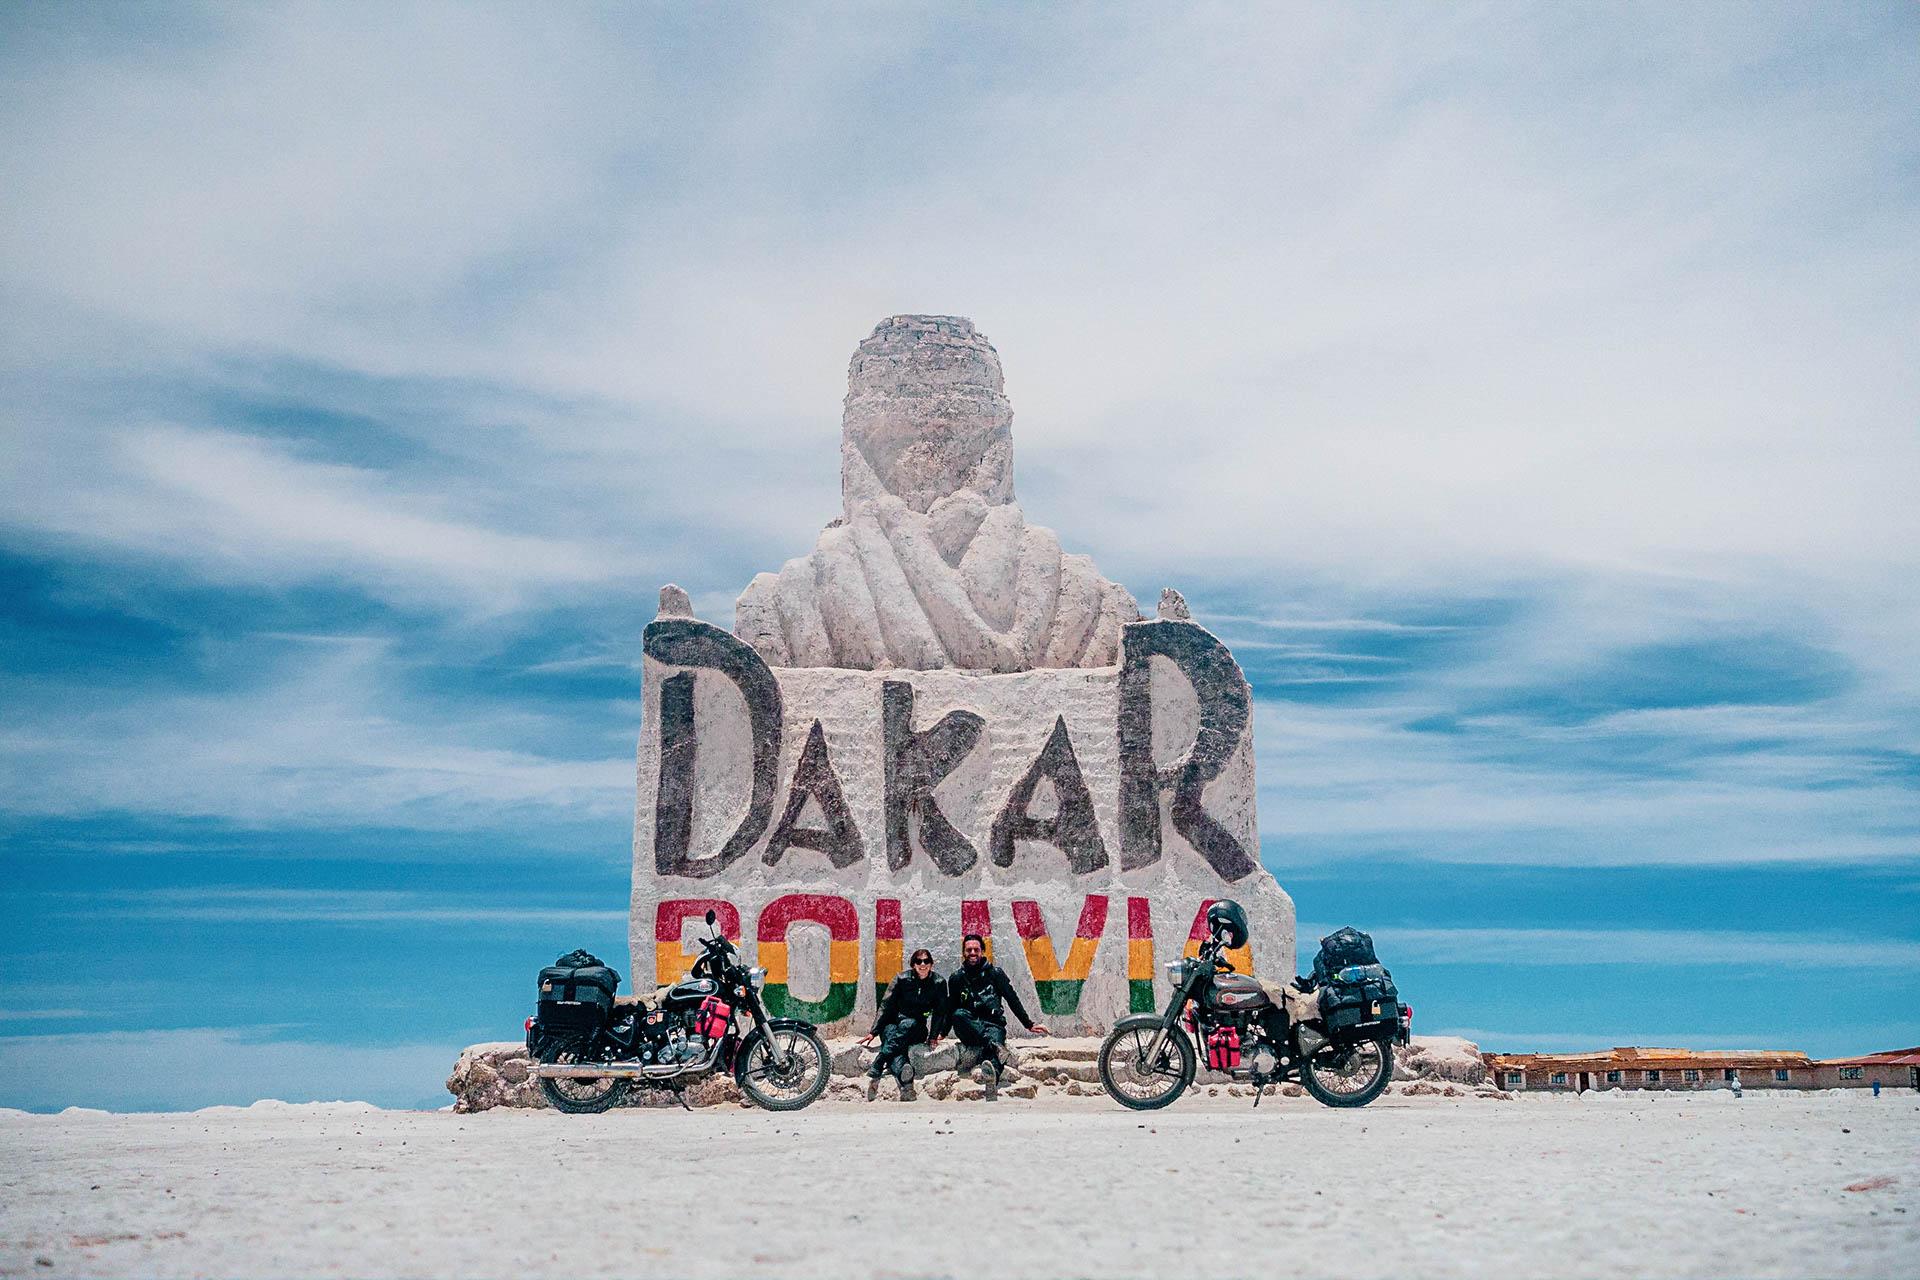 Rallye Dakar Bolivie